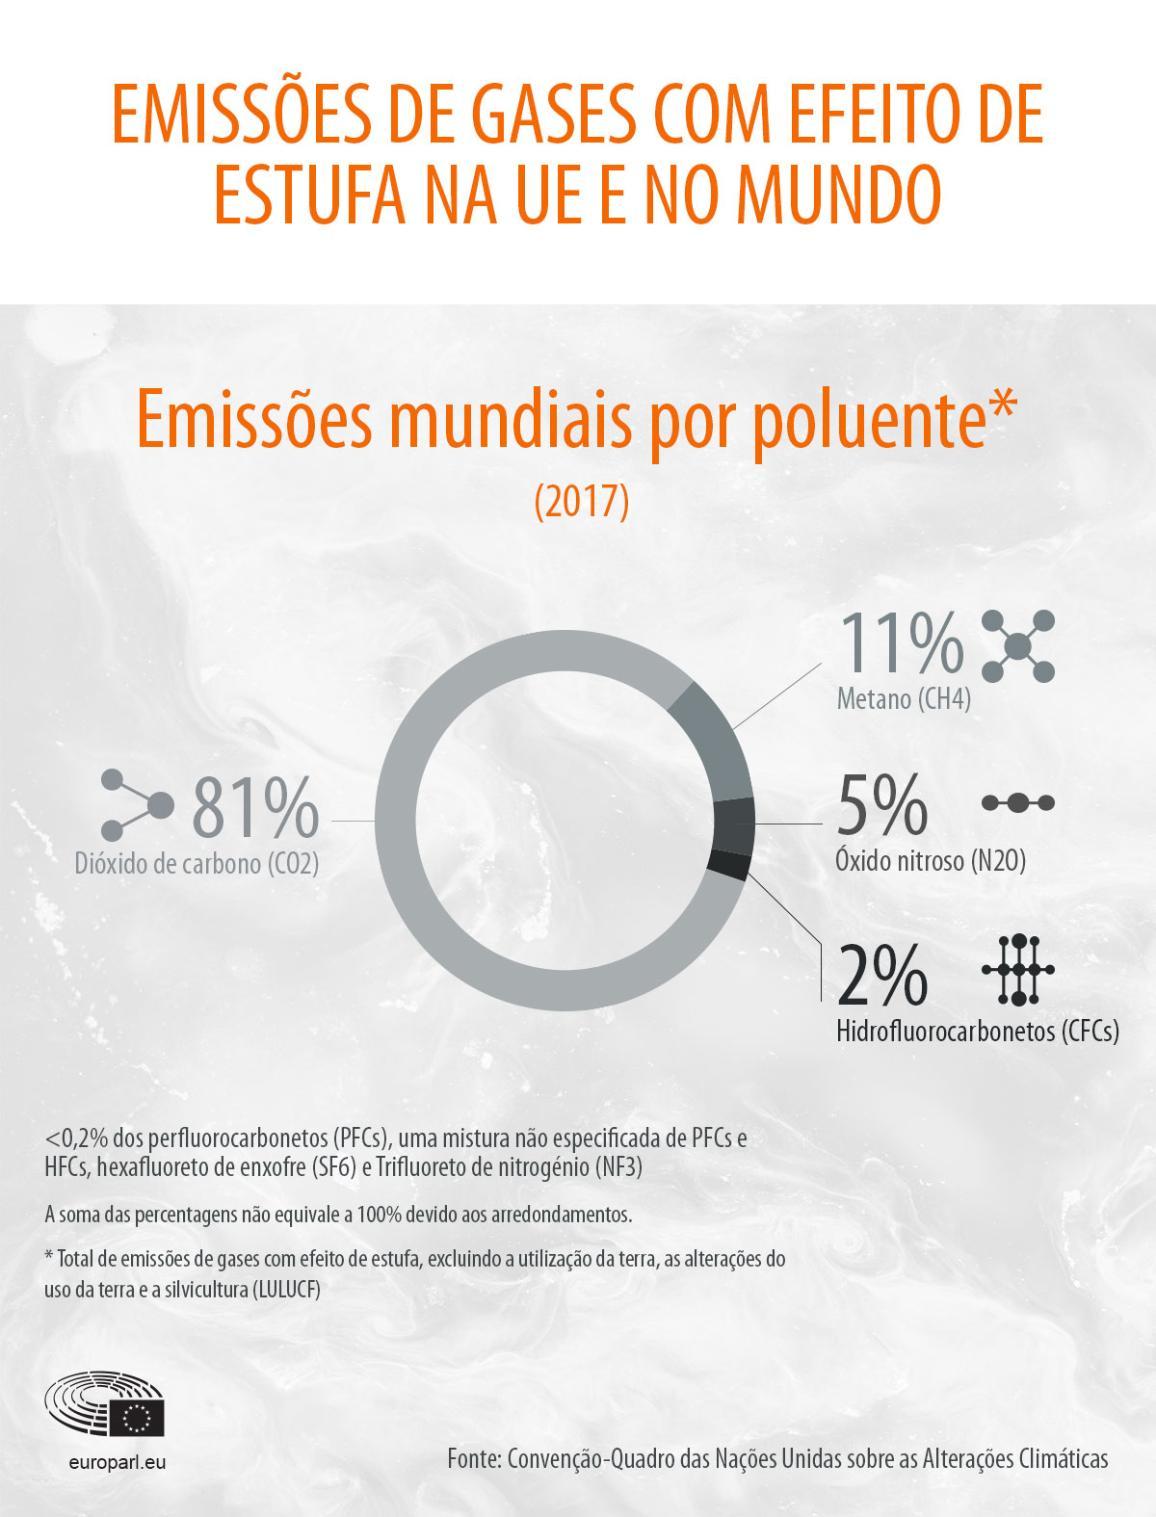 Infografia sobre as emissões atmosféricas mundiais por poluente